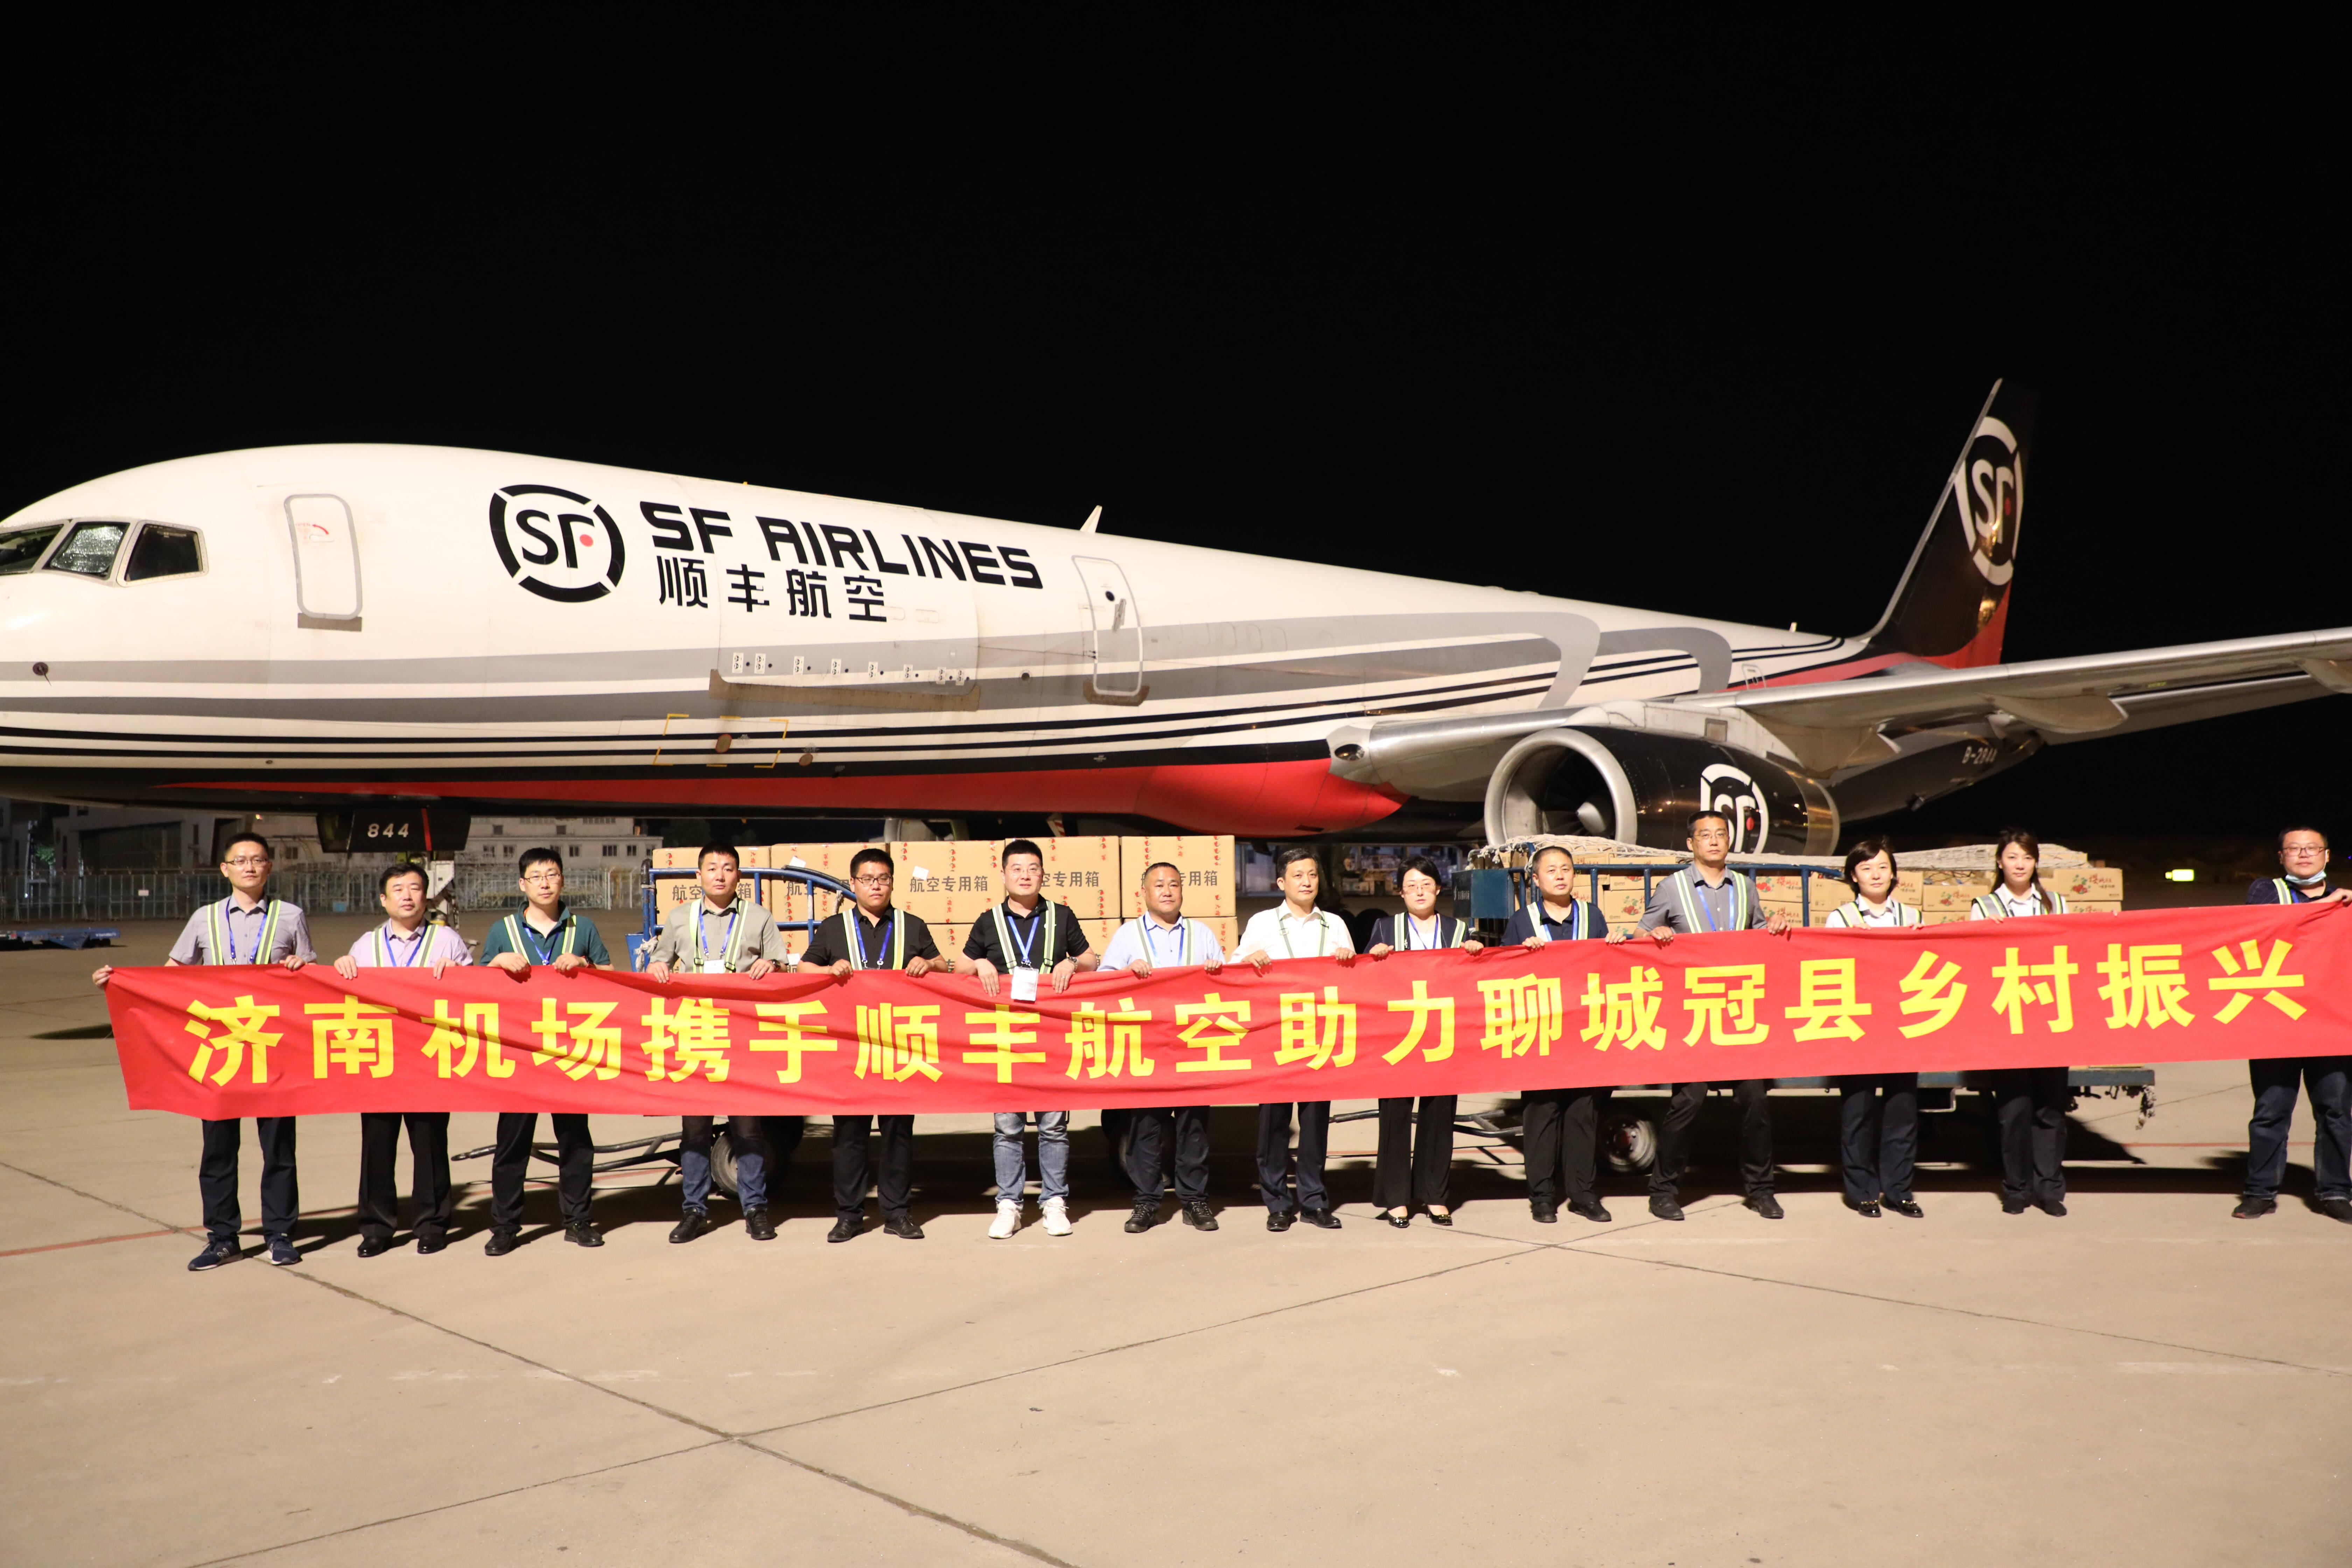 济南机场开通首架樱桃航班 助力乡村振兴